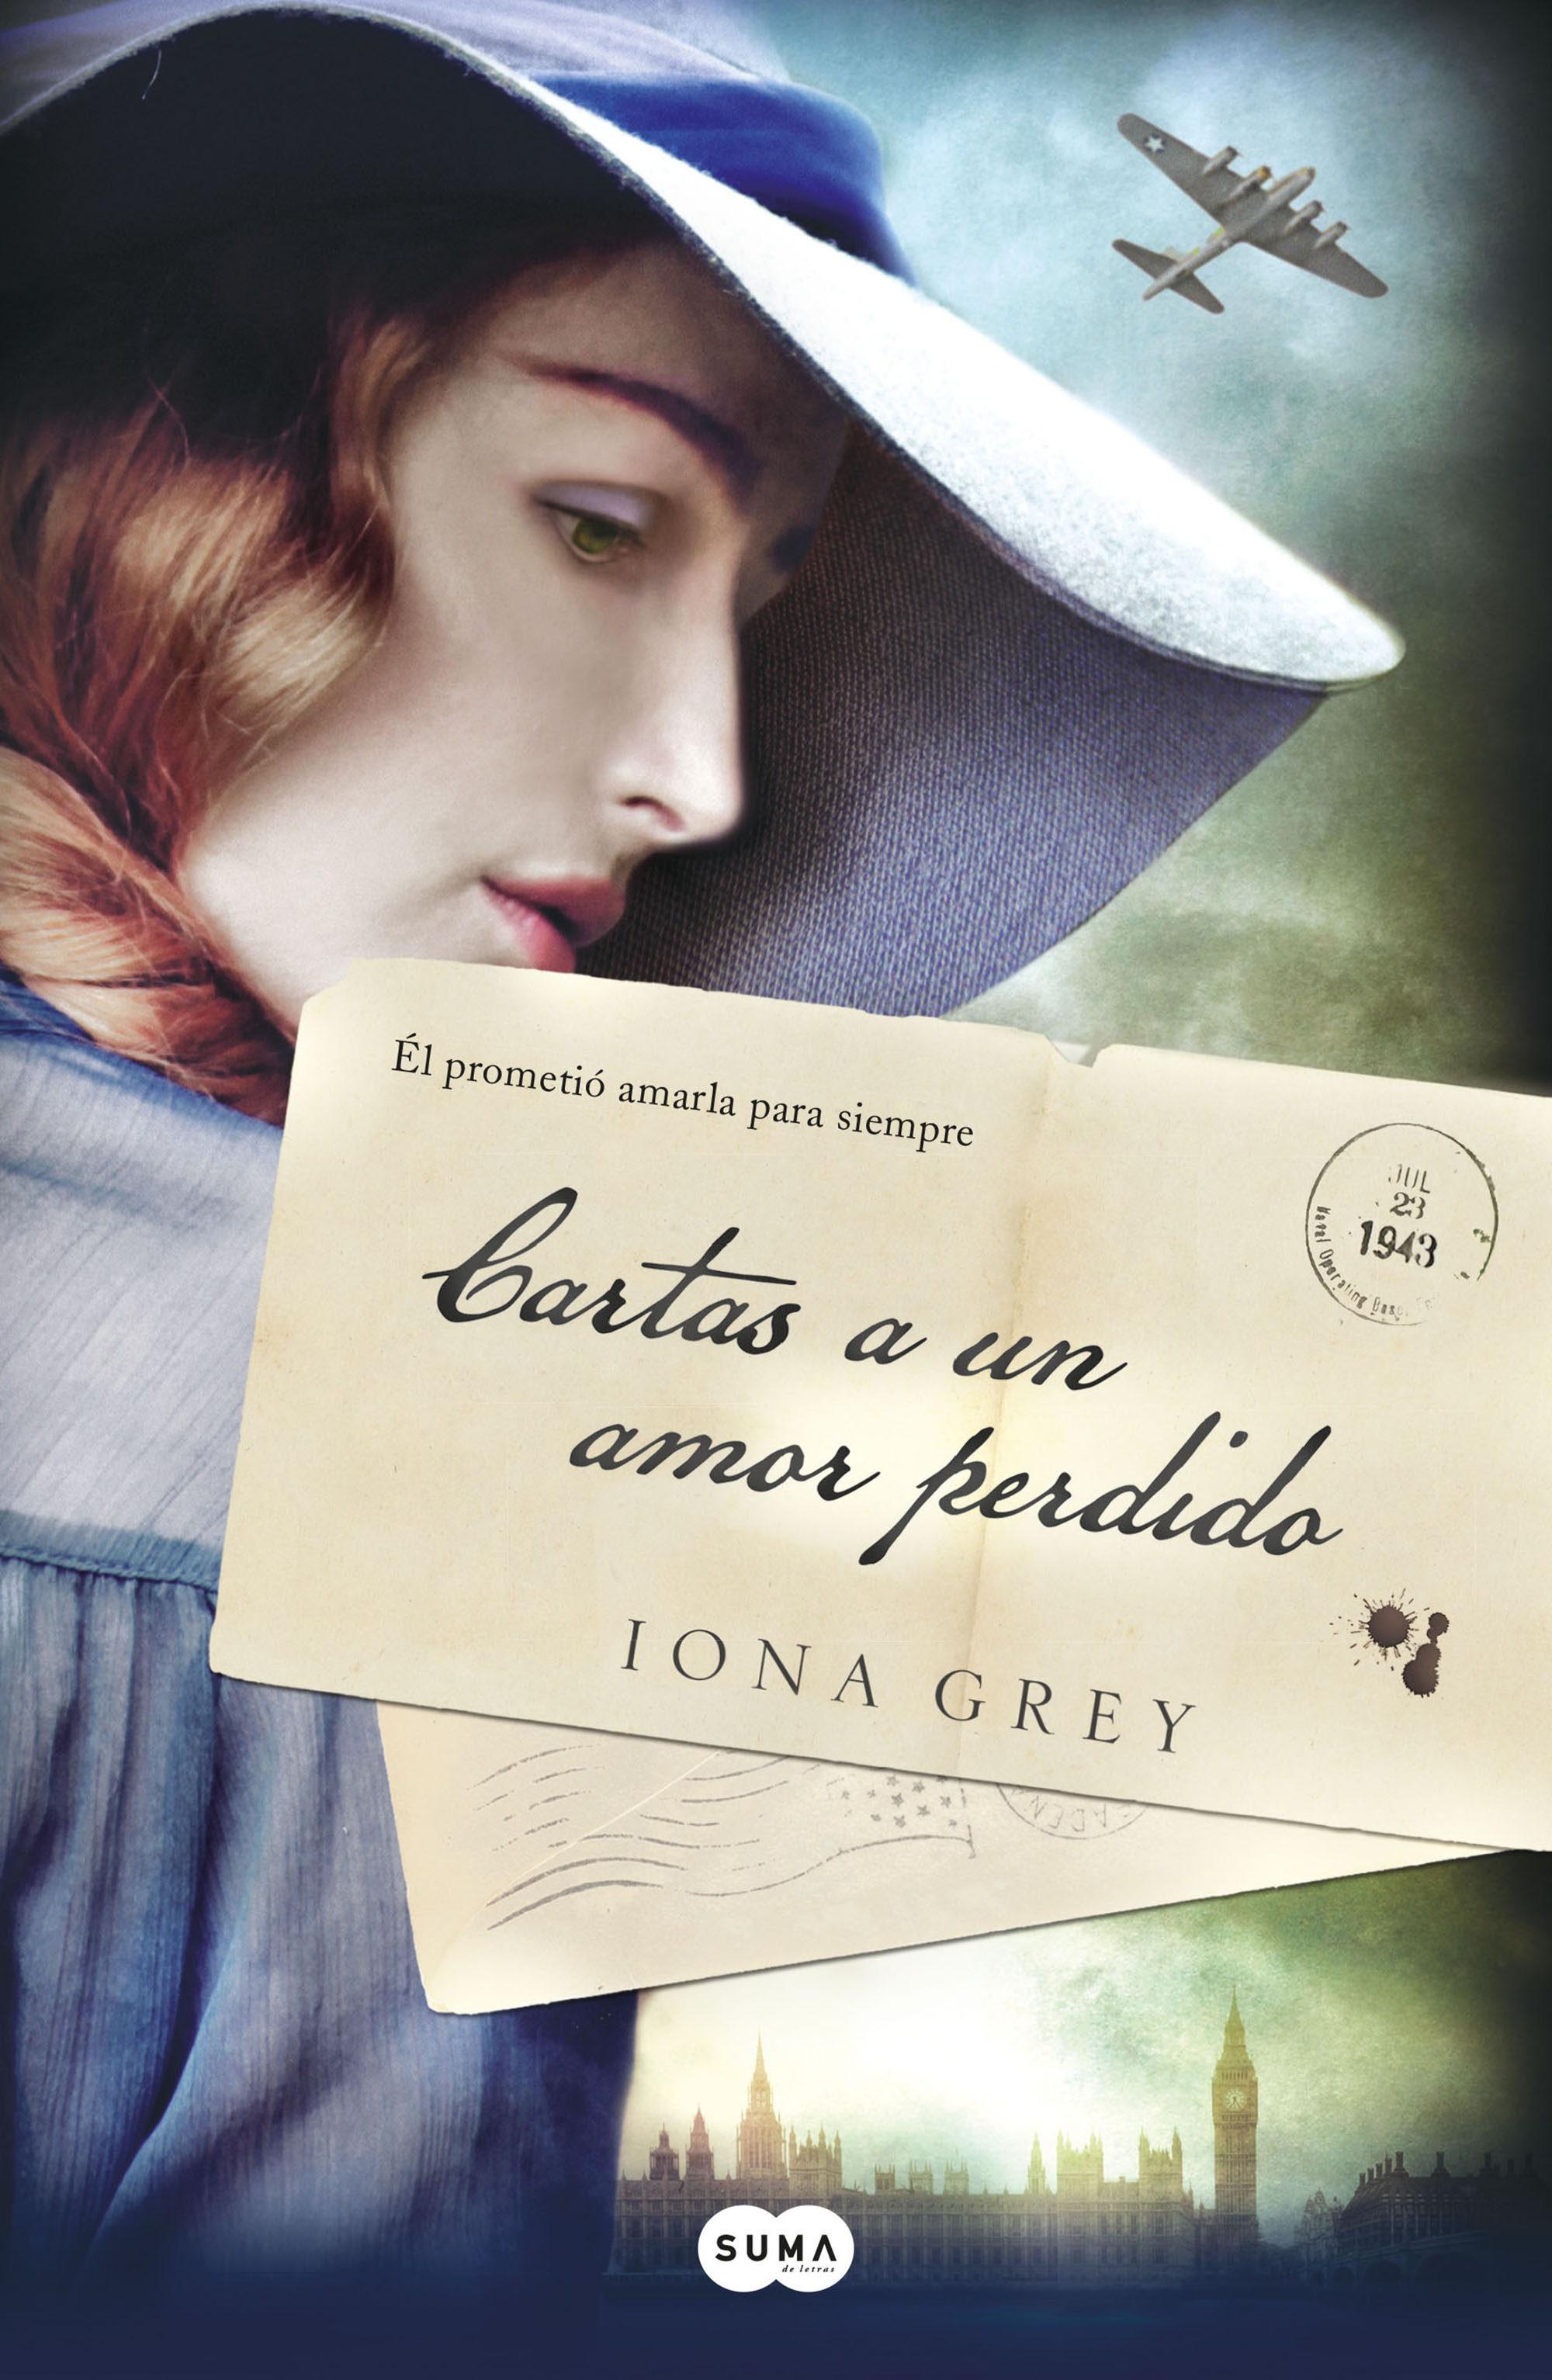 Resultado de imagen de cartas a un amor perdido iona grey